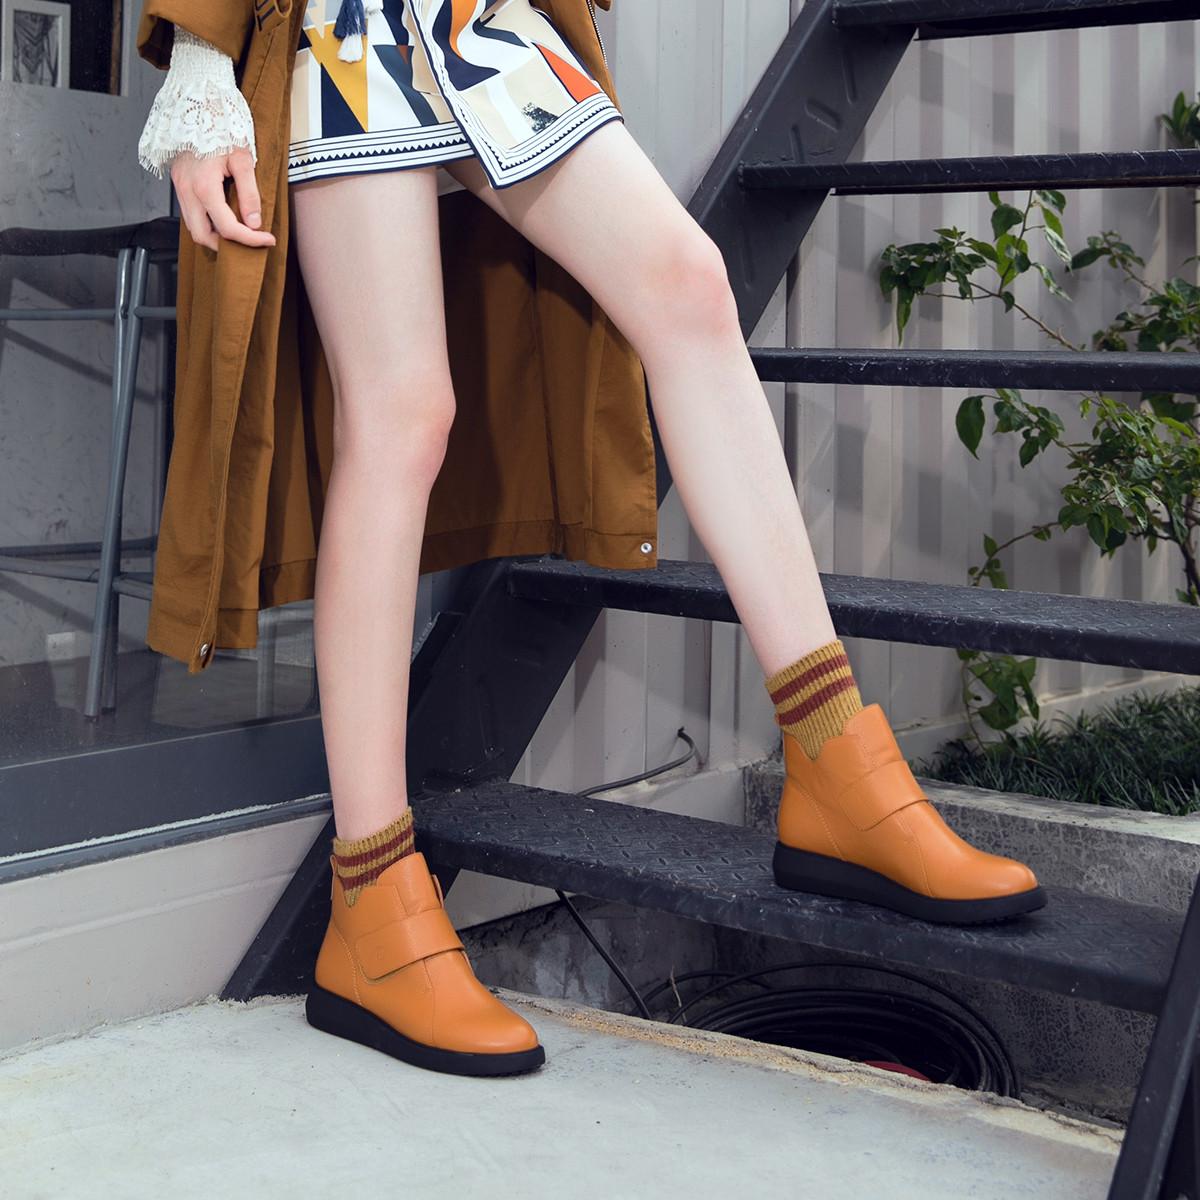 骆驼牌骆驼牌女鞋冬靴子女靴短靴女雪地靴女靴马丁靴女鞋W80A53510TH